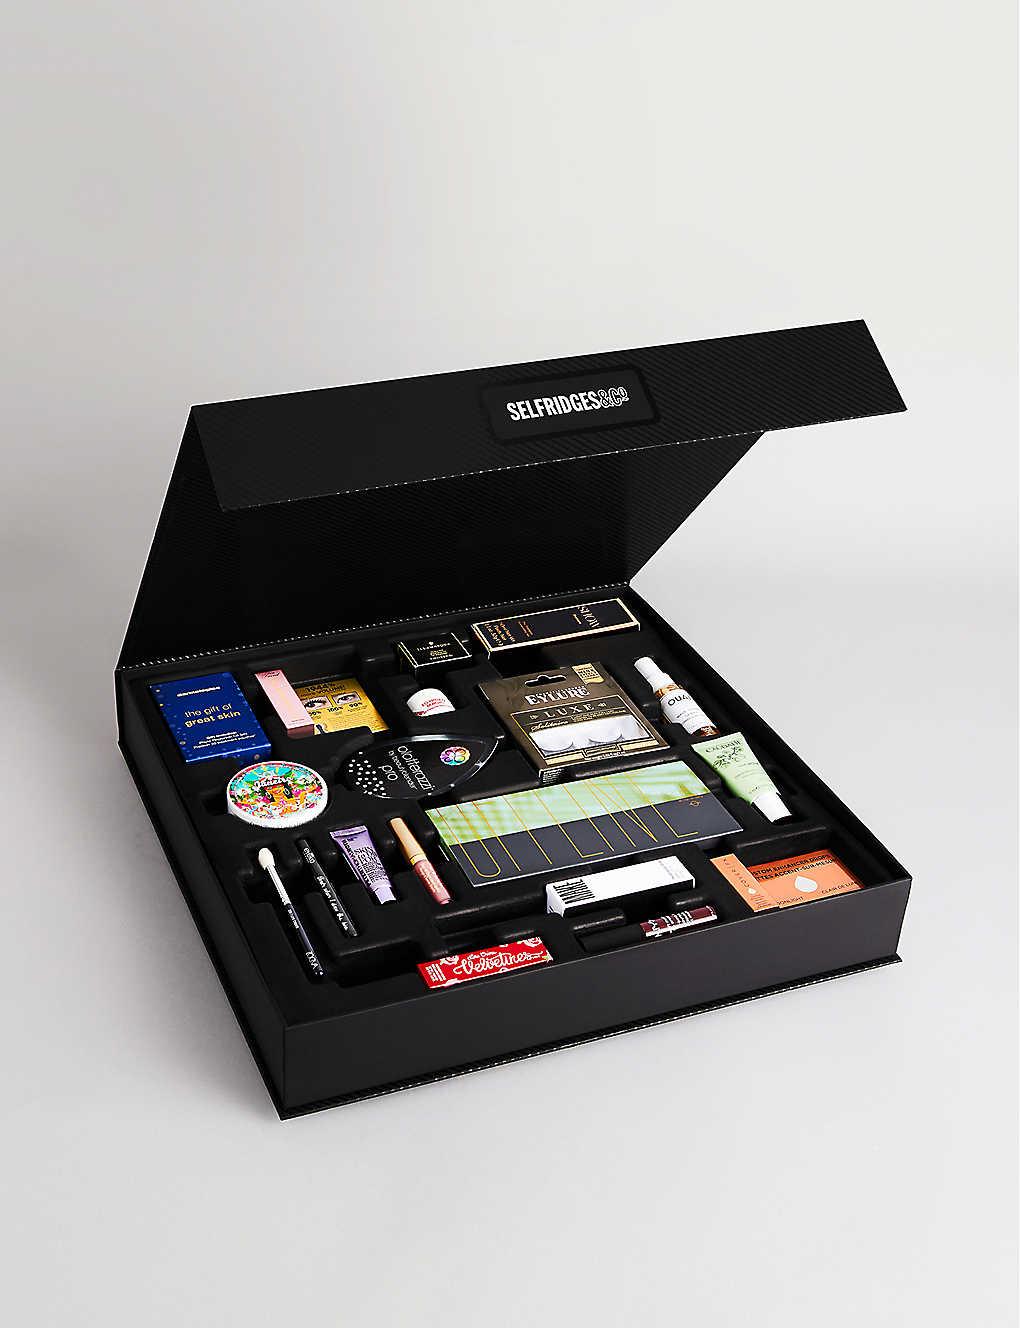 00051b728fa SELFRIDGES - Beauty Lovers Selection Box | Selfridges.com